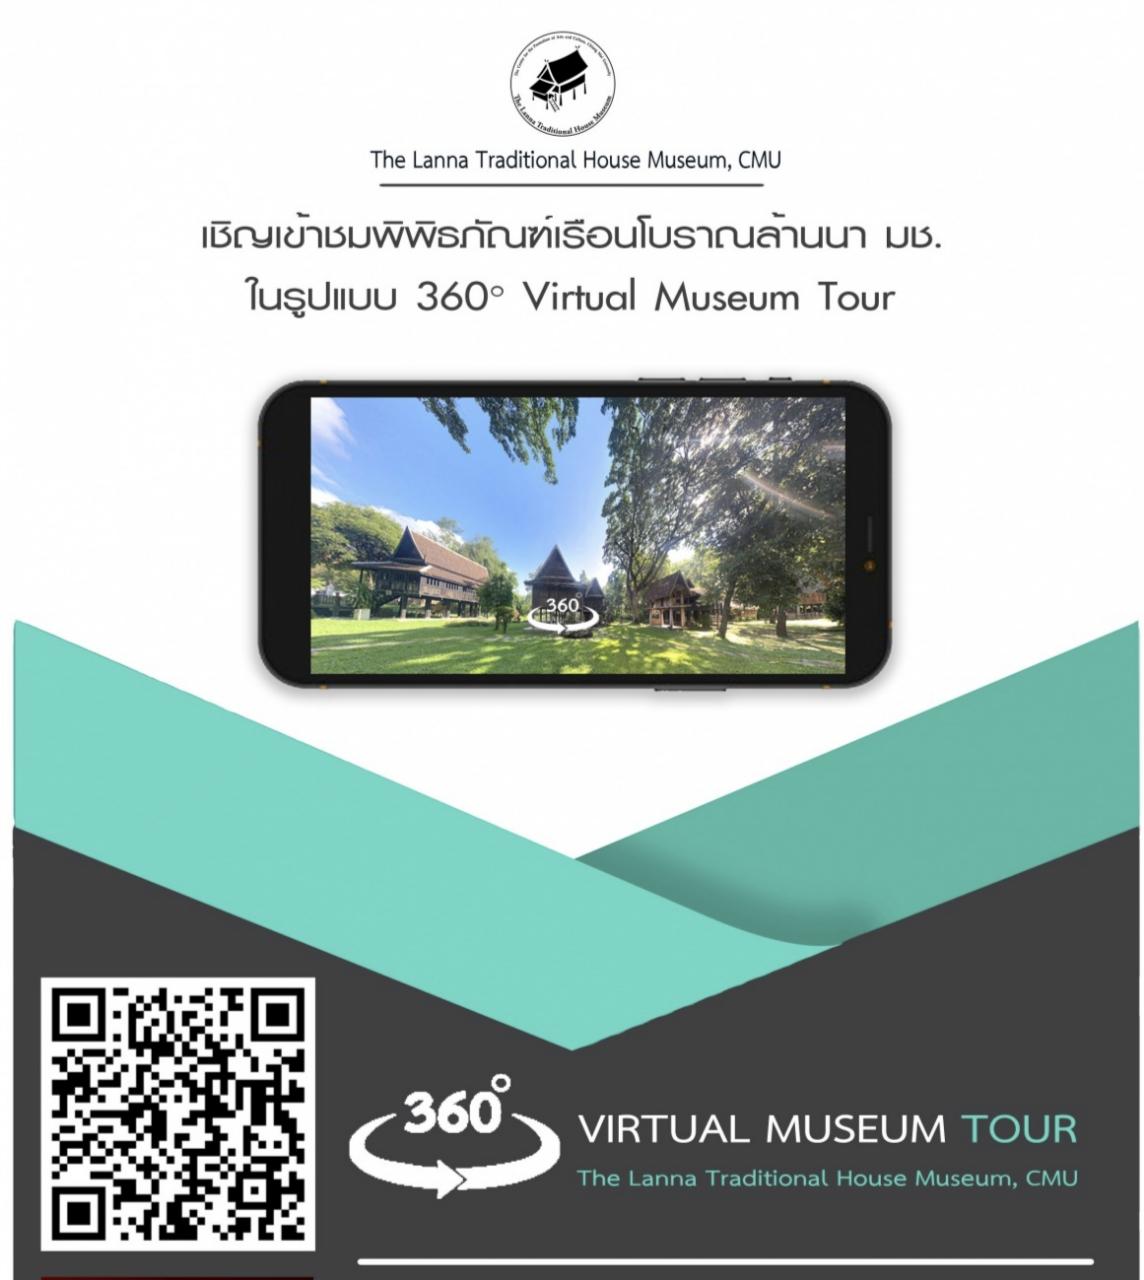 เชิญเที่ยวชมพิพิธภัณฑ์เรือนโบราณล้านนา มช.  ในรูปแบบ 360 Virtual Museum Tour